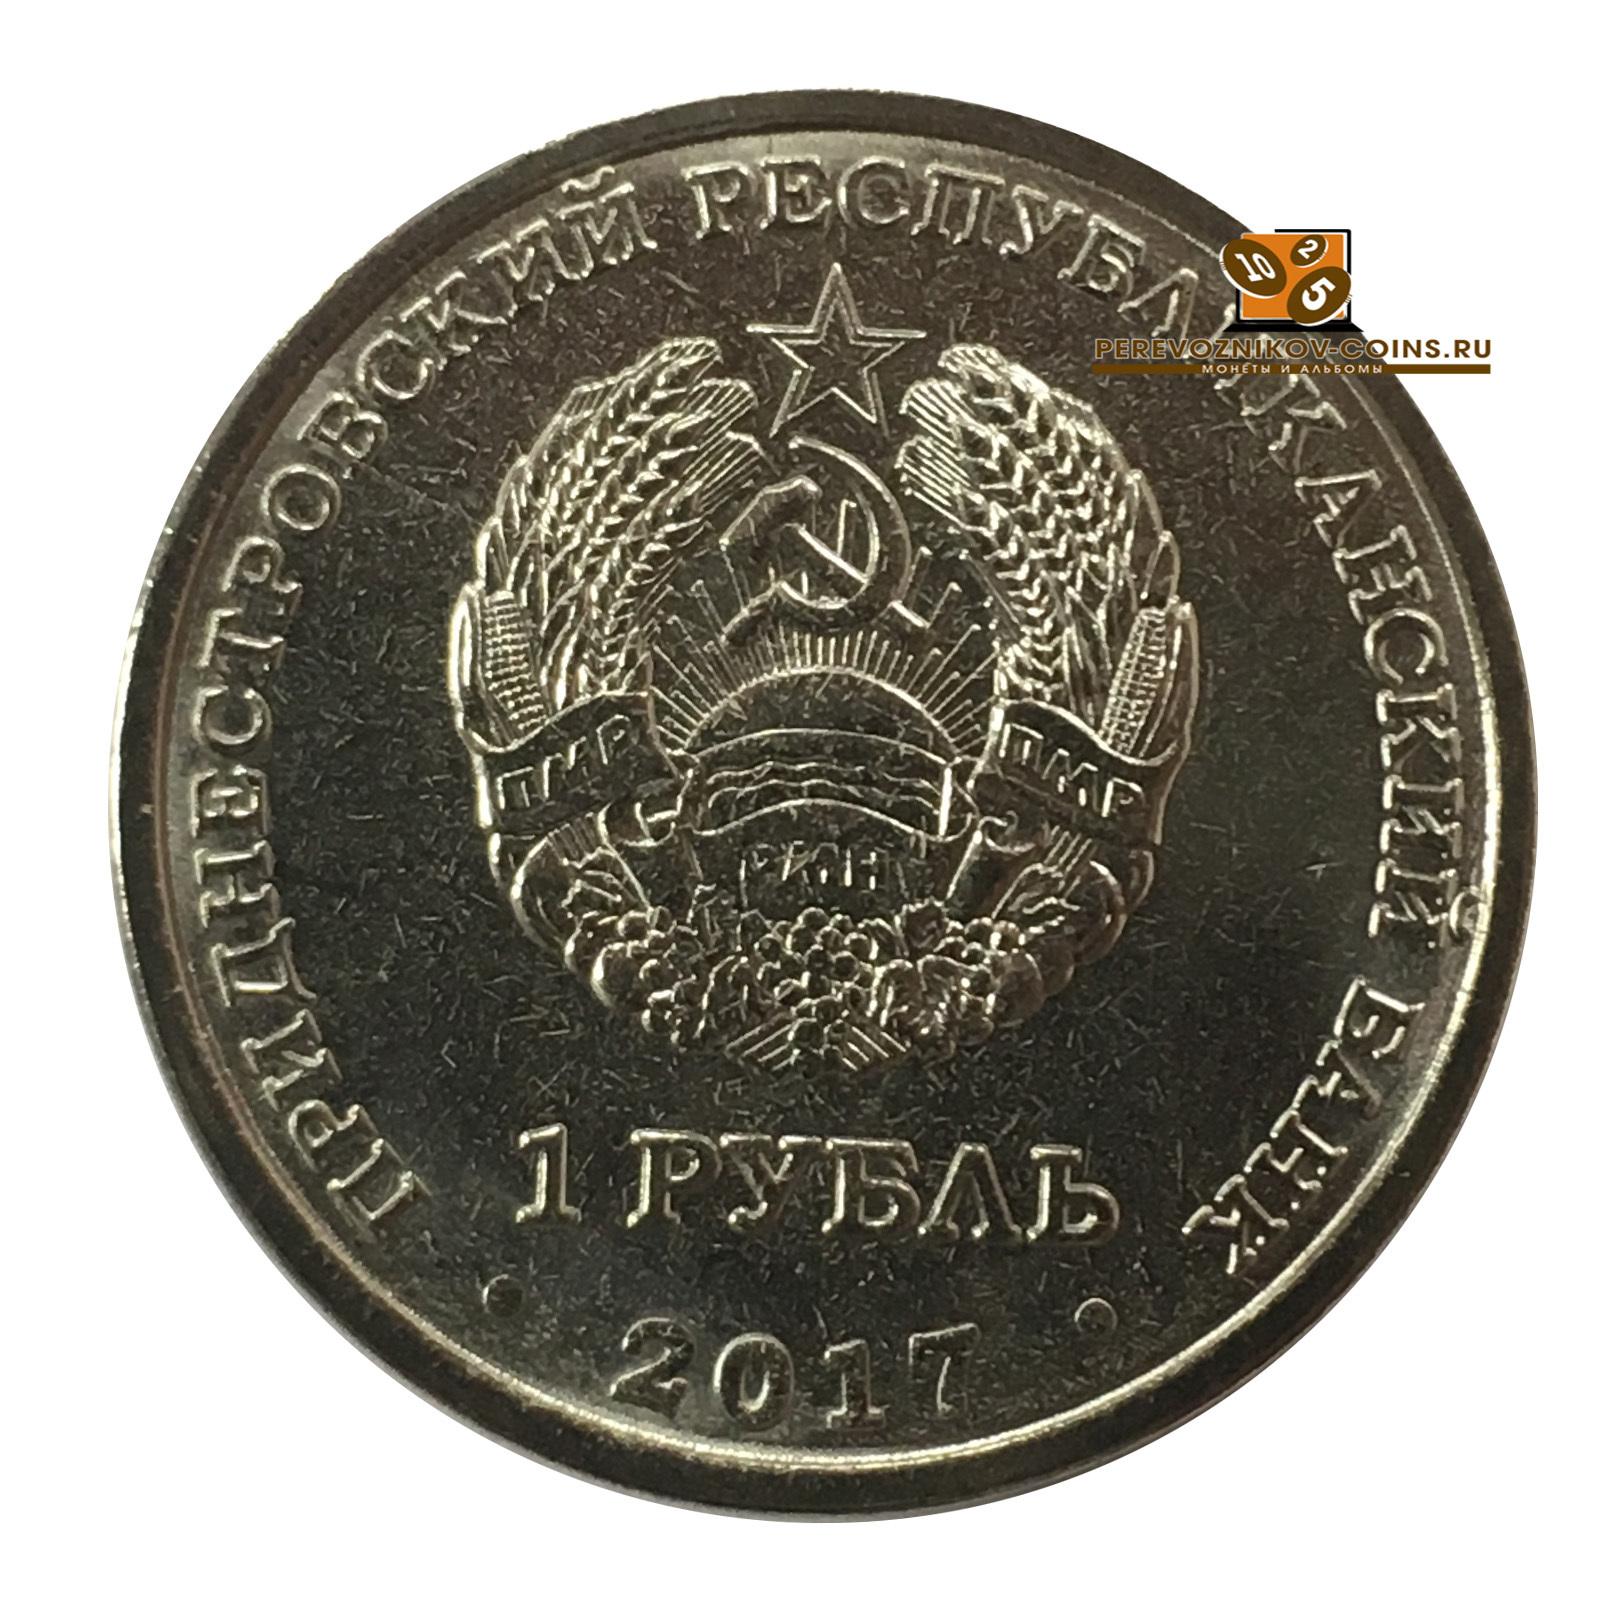 1 рубль 2017 год